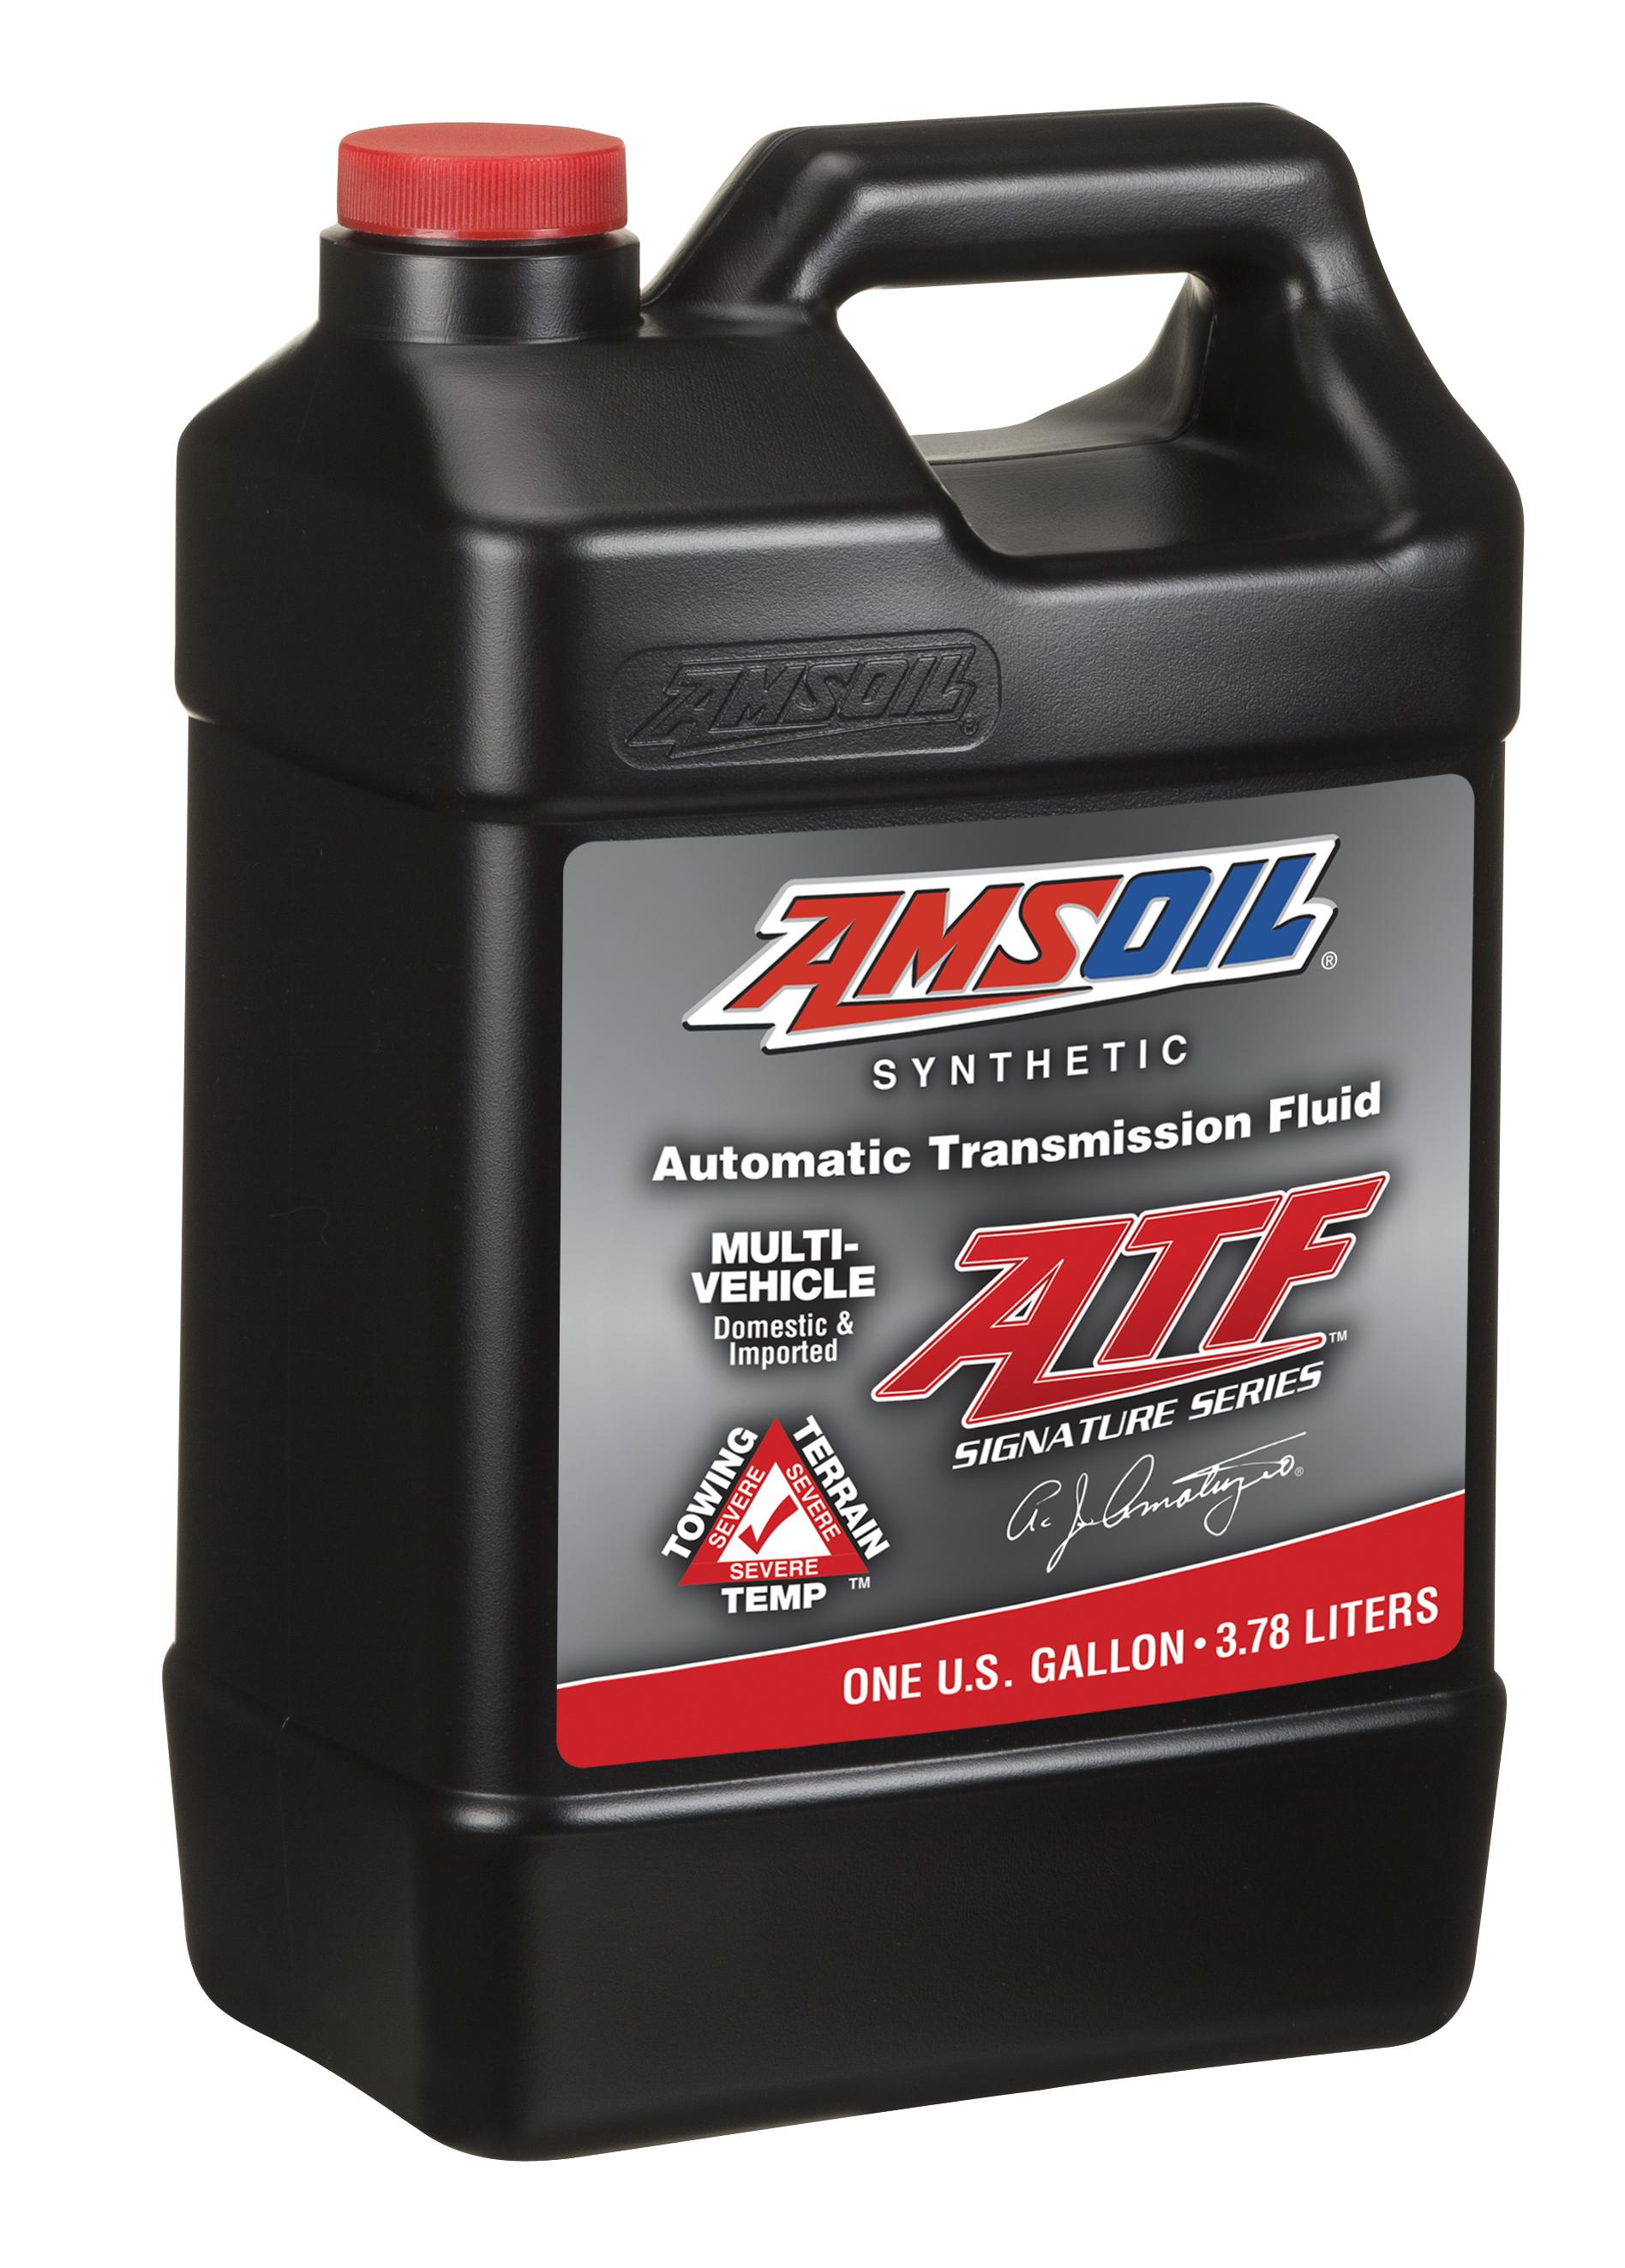 buy mercedes oils millers mb shop millermatic atf benz litre transmission online fluid